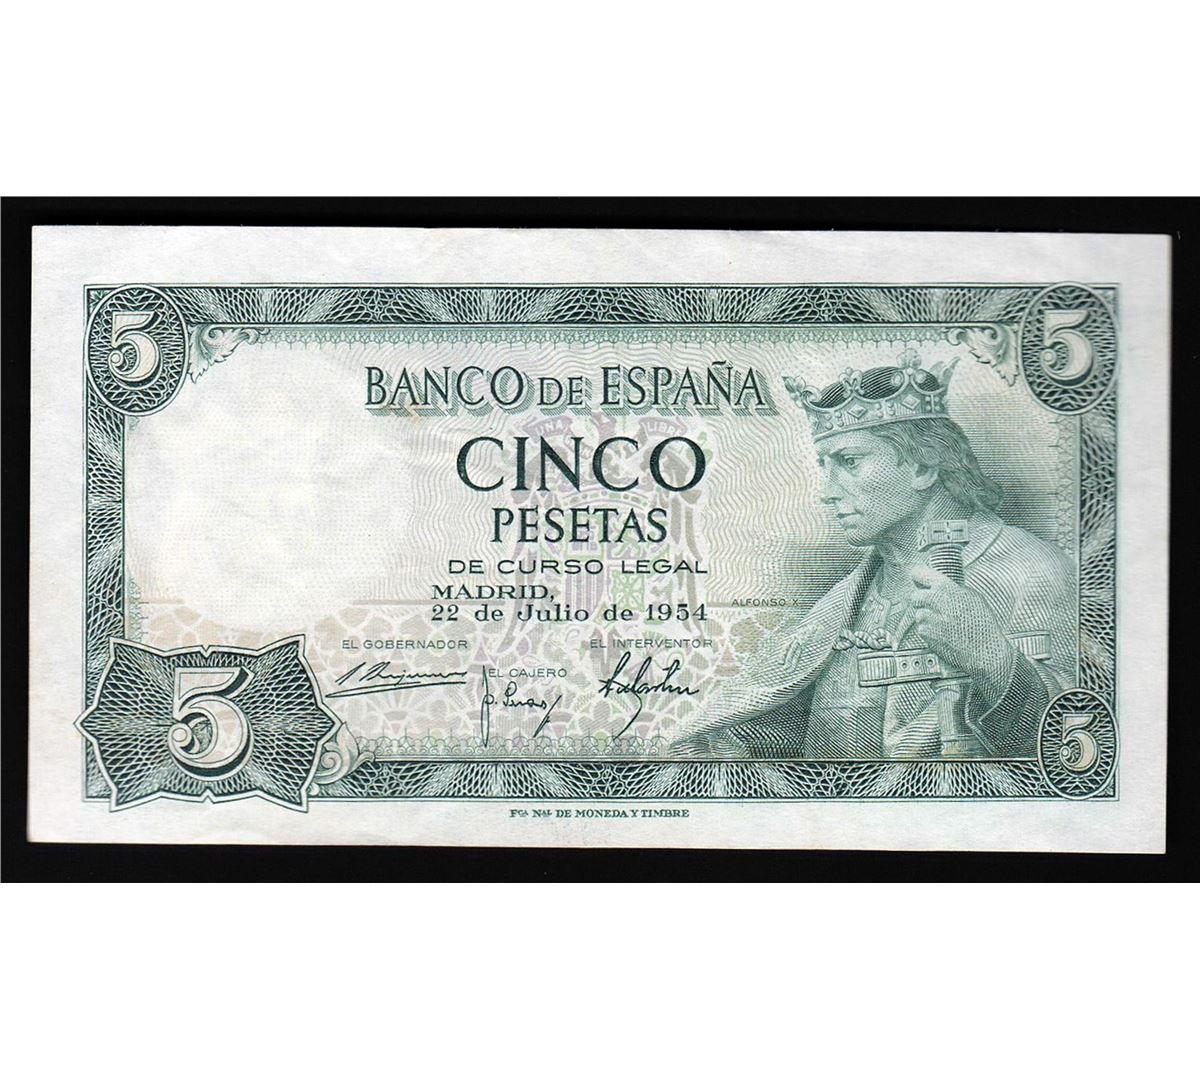 1954 5 Pesetas Spain Currency Note